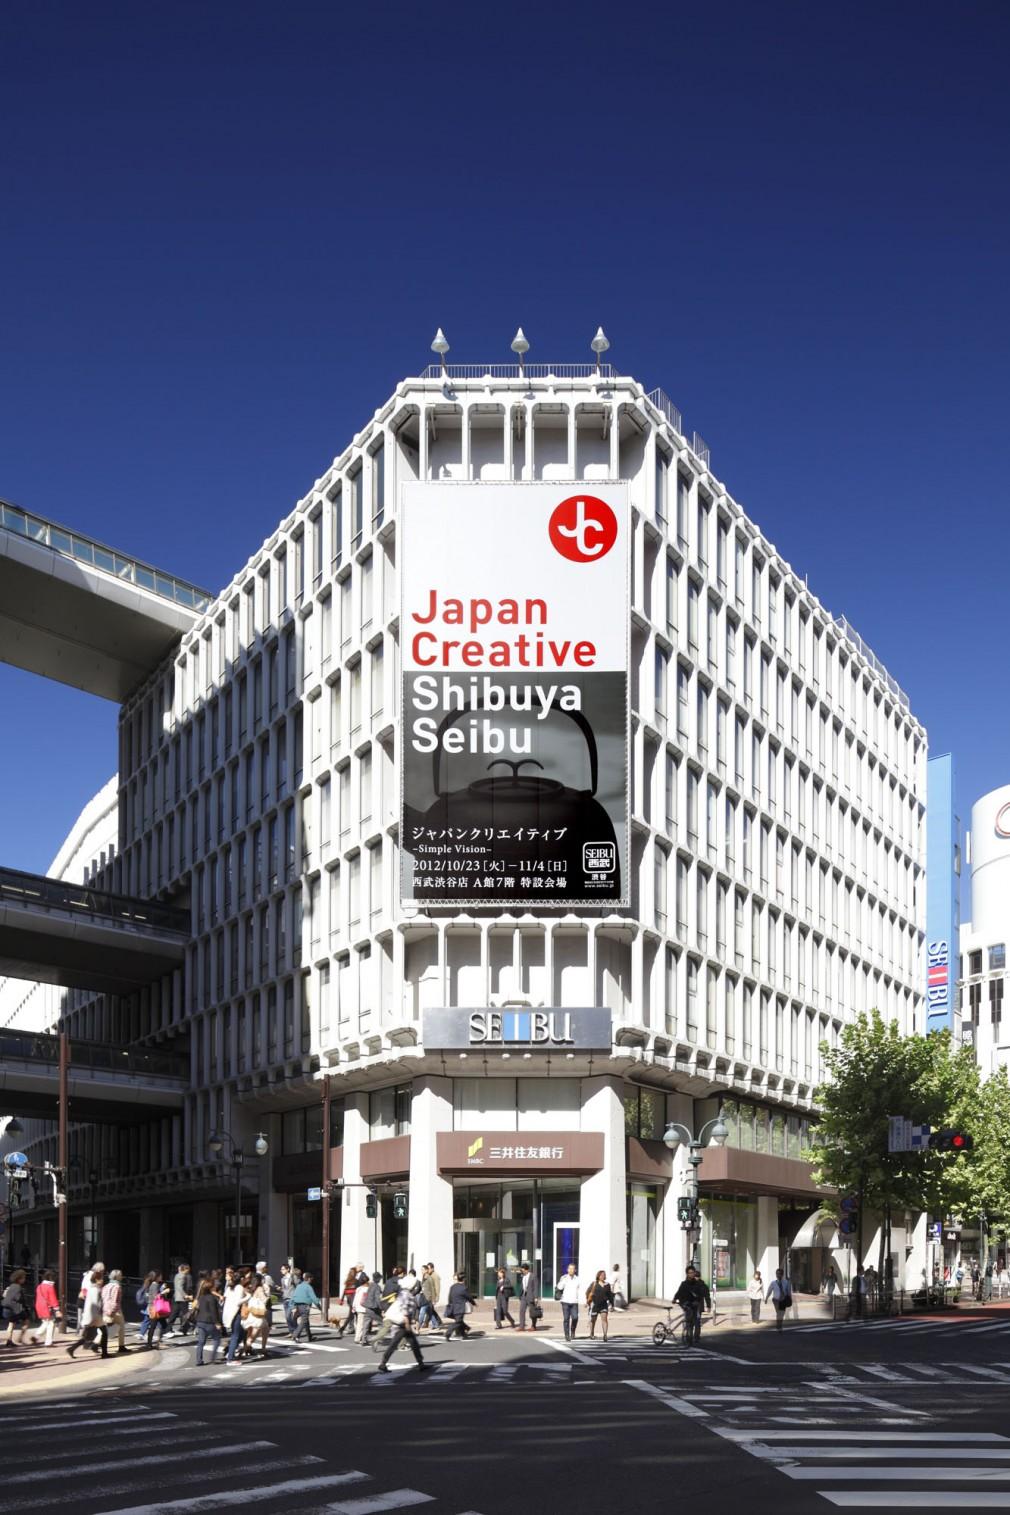 西武渋谷店 Seibu Shibuya